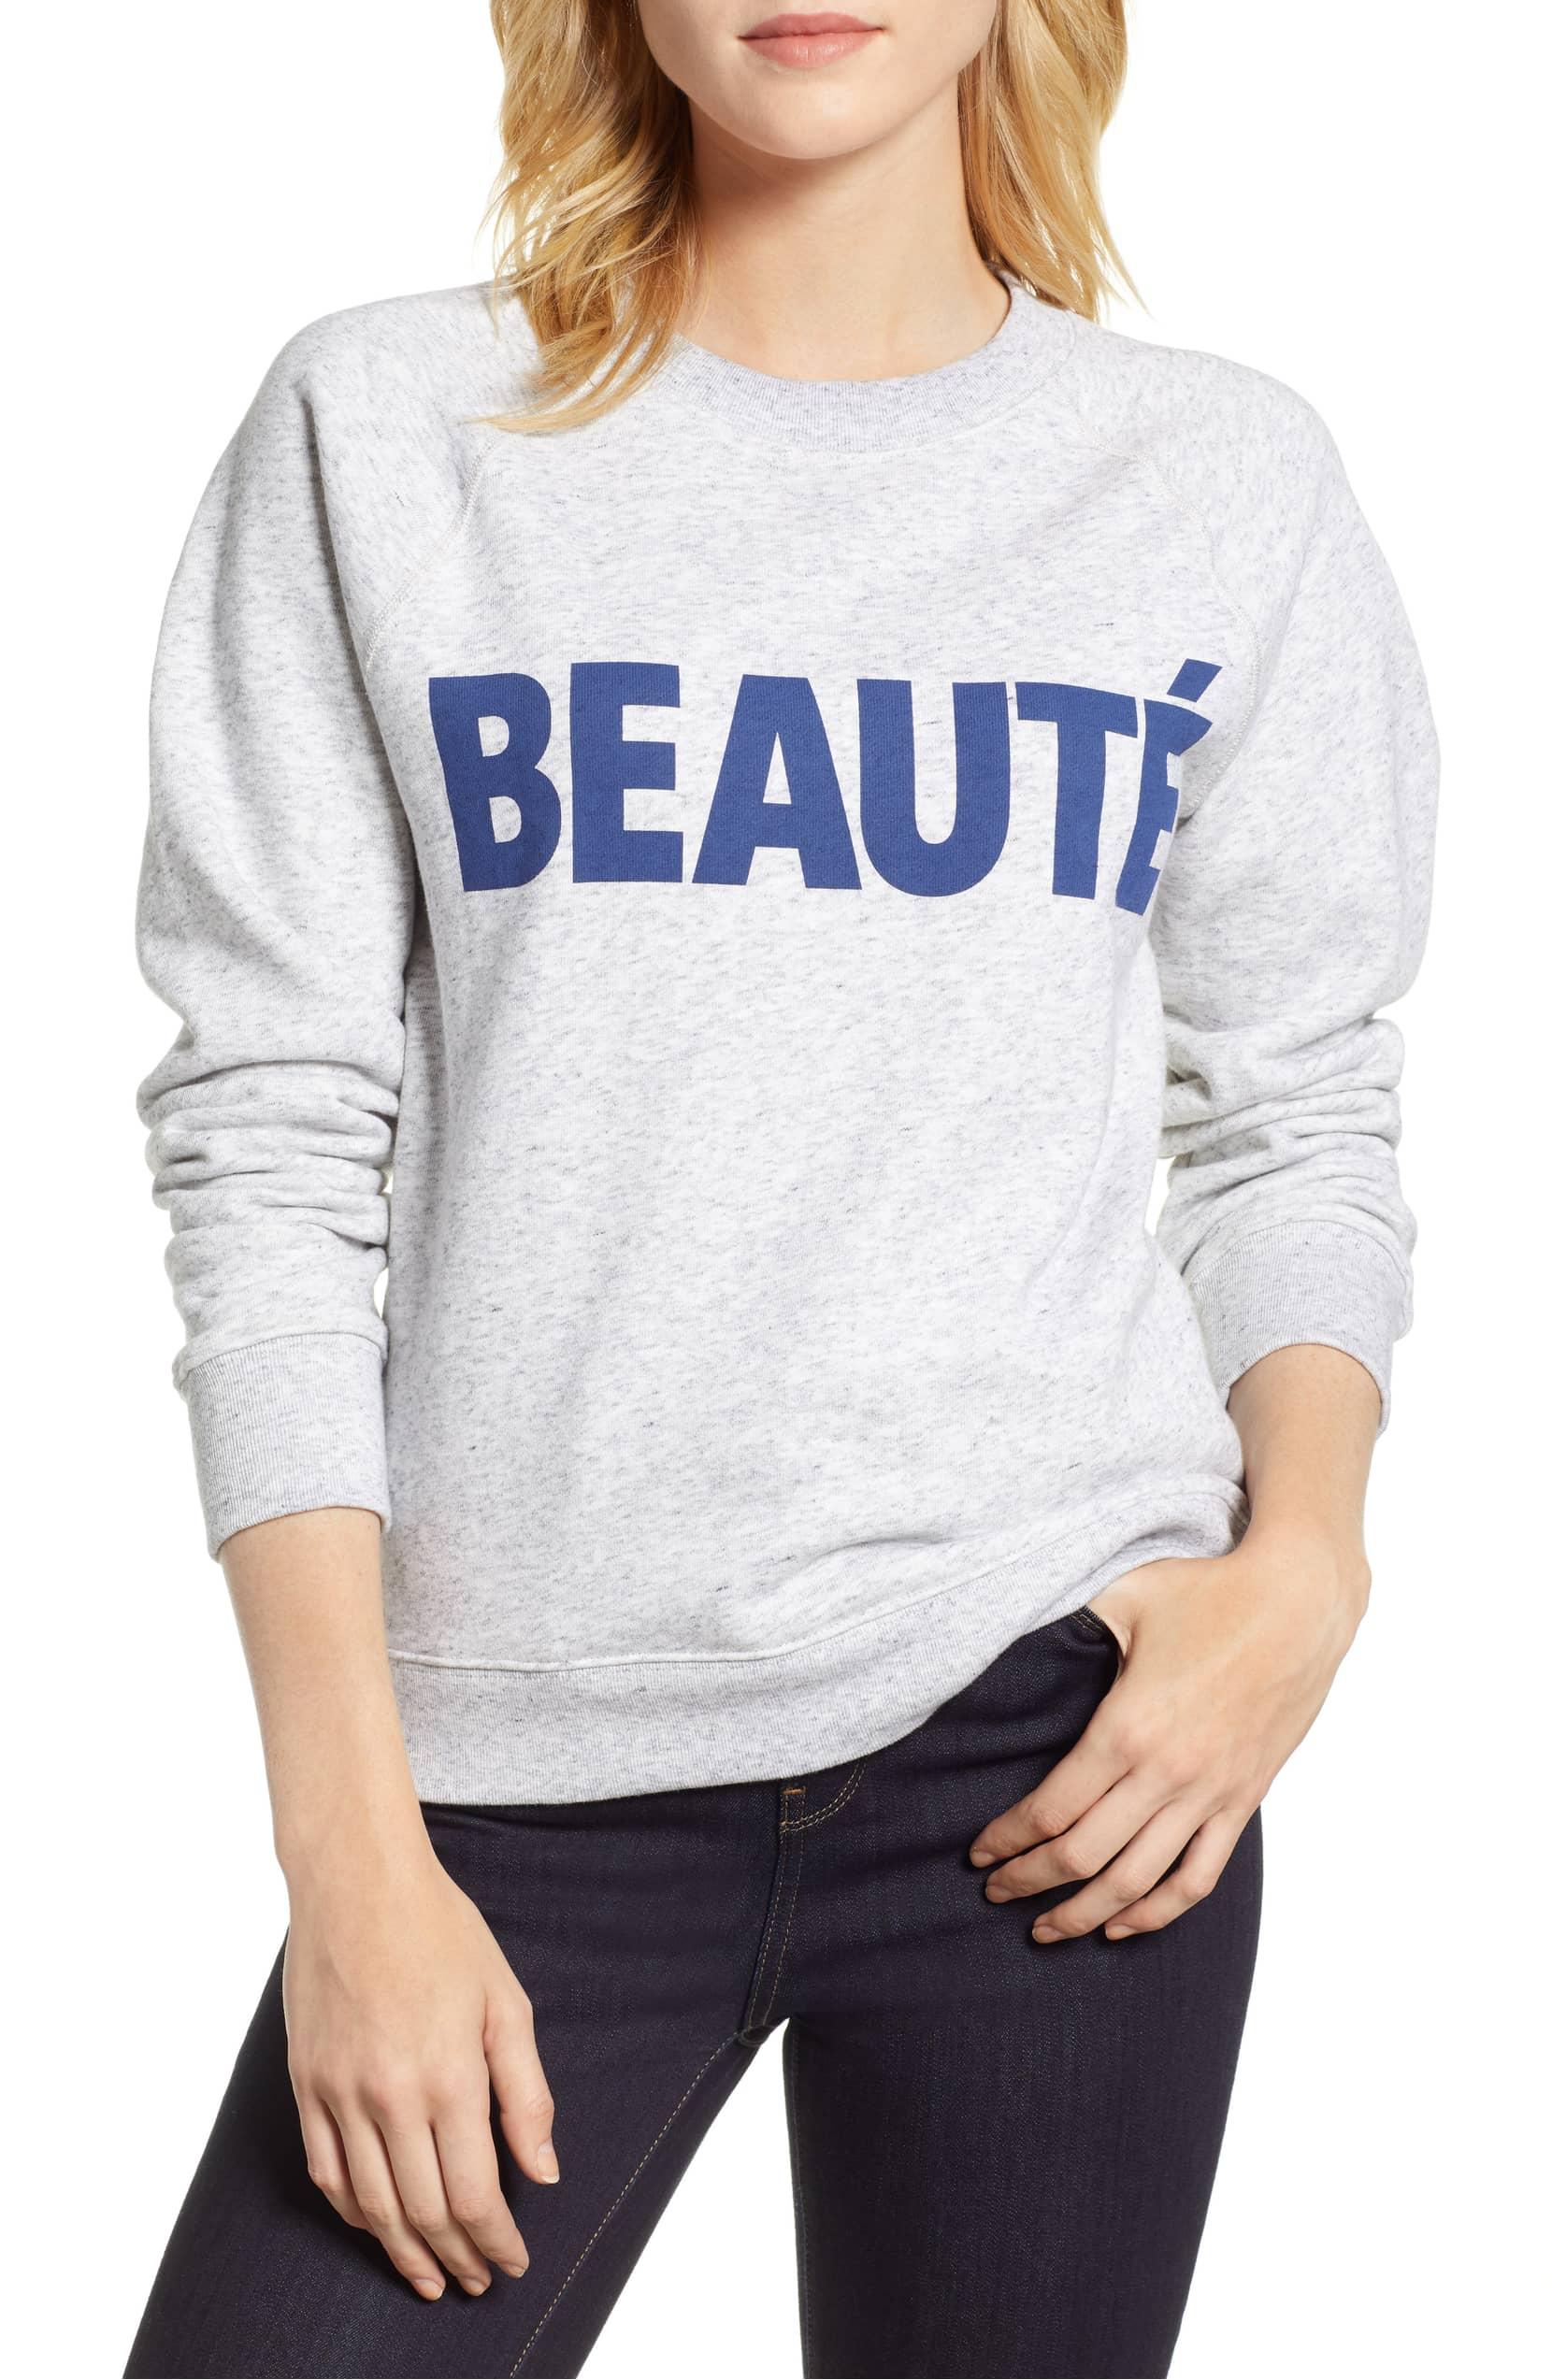 J.Crew Beauté Sweatshirt